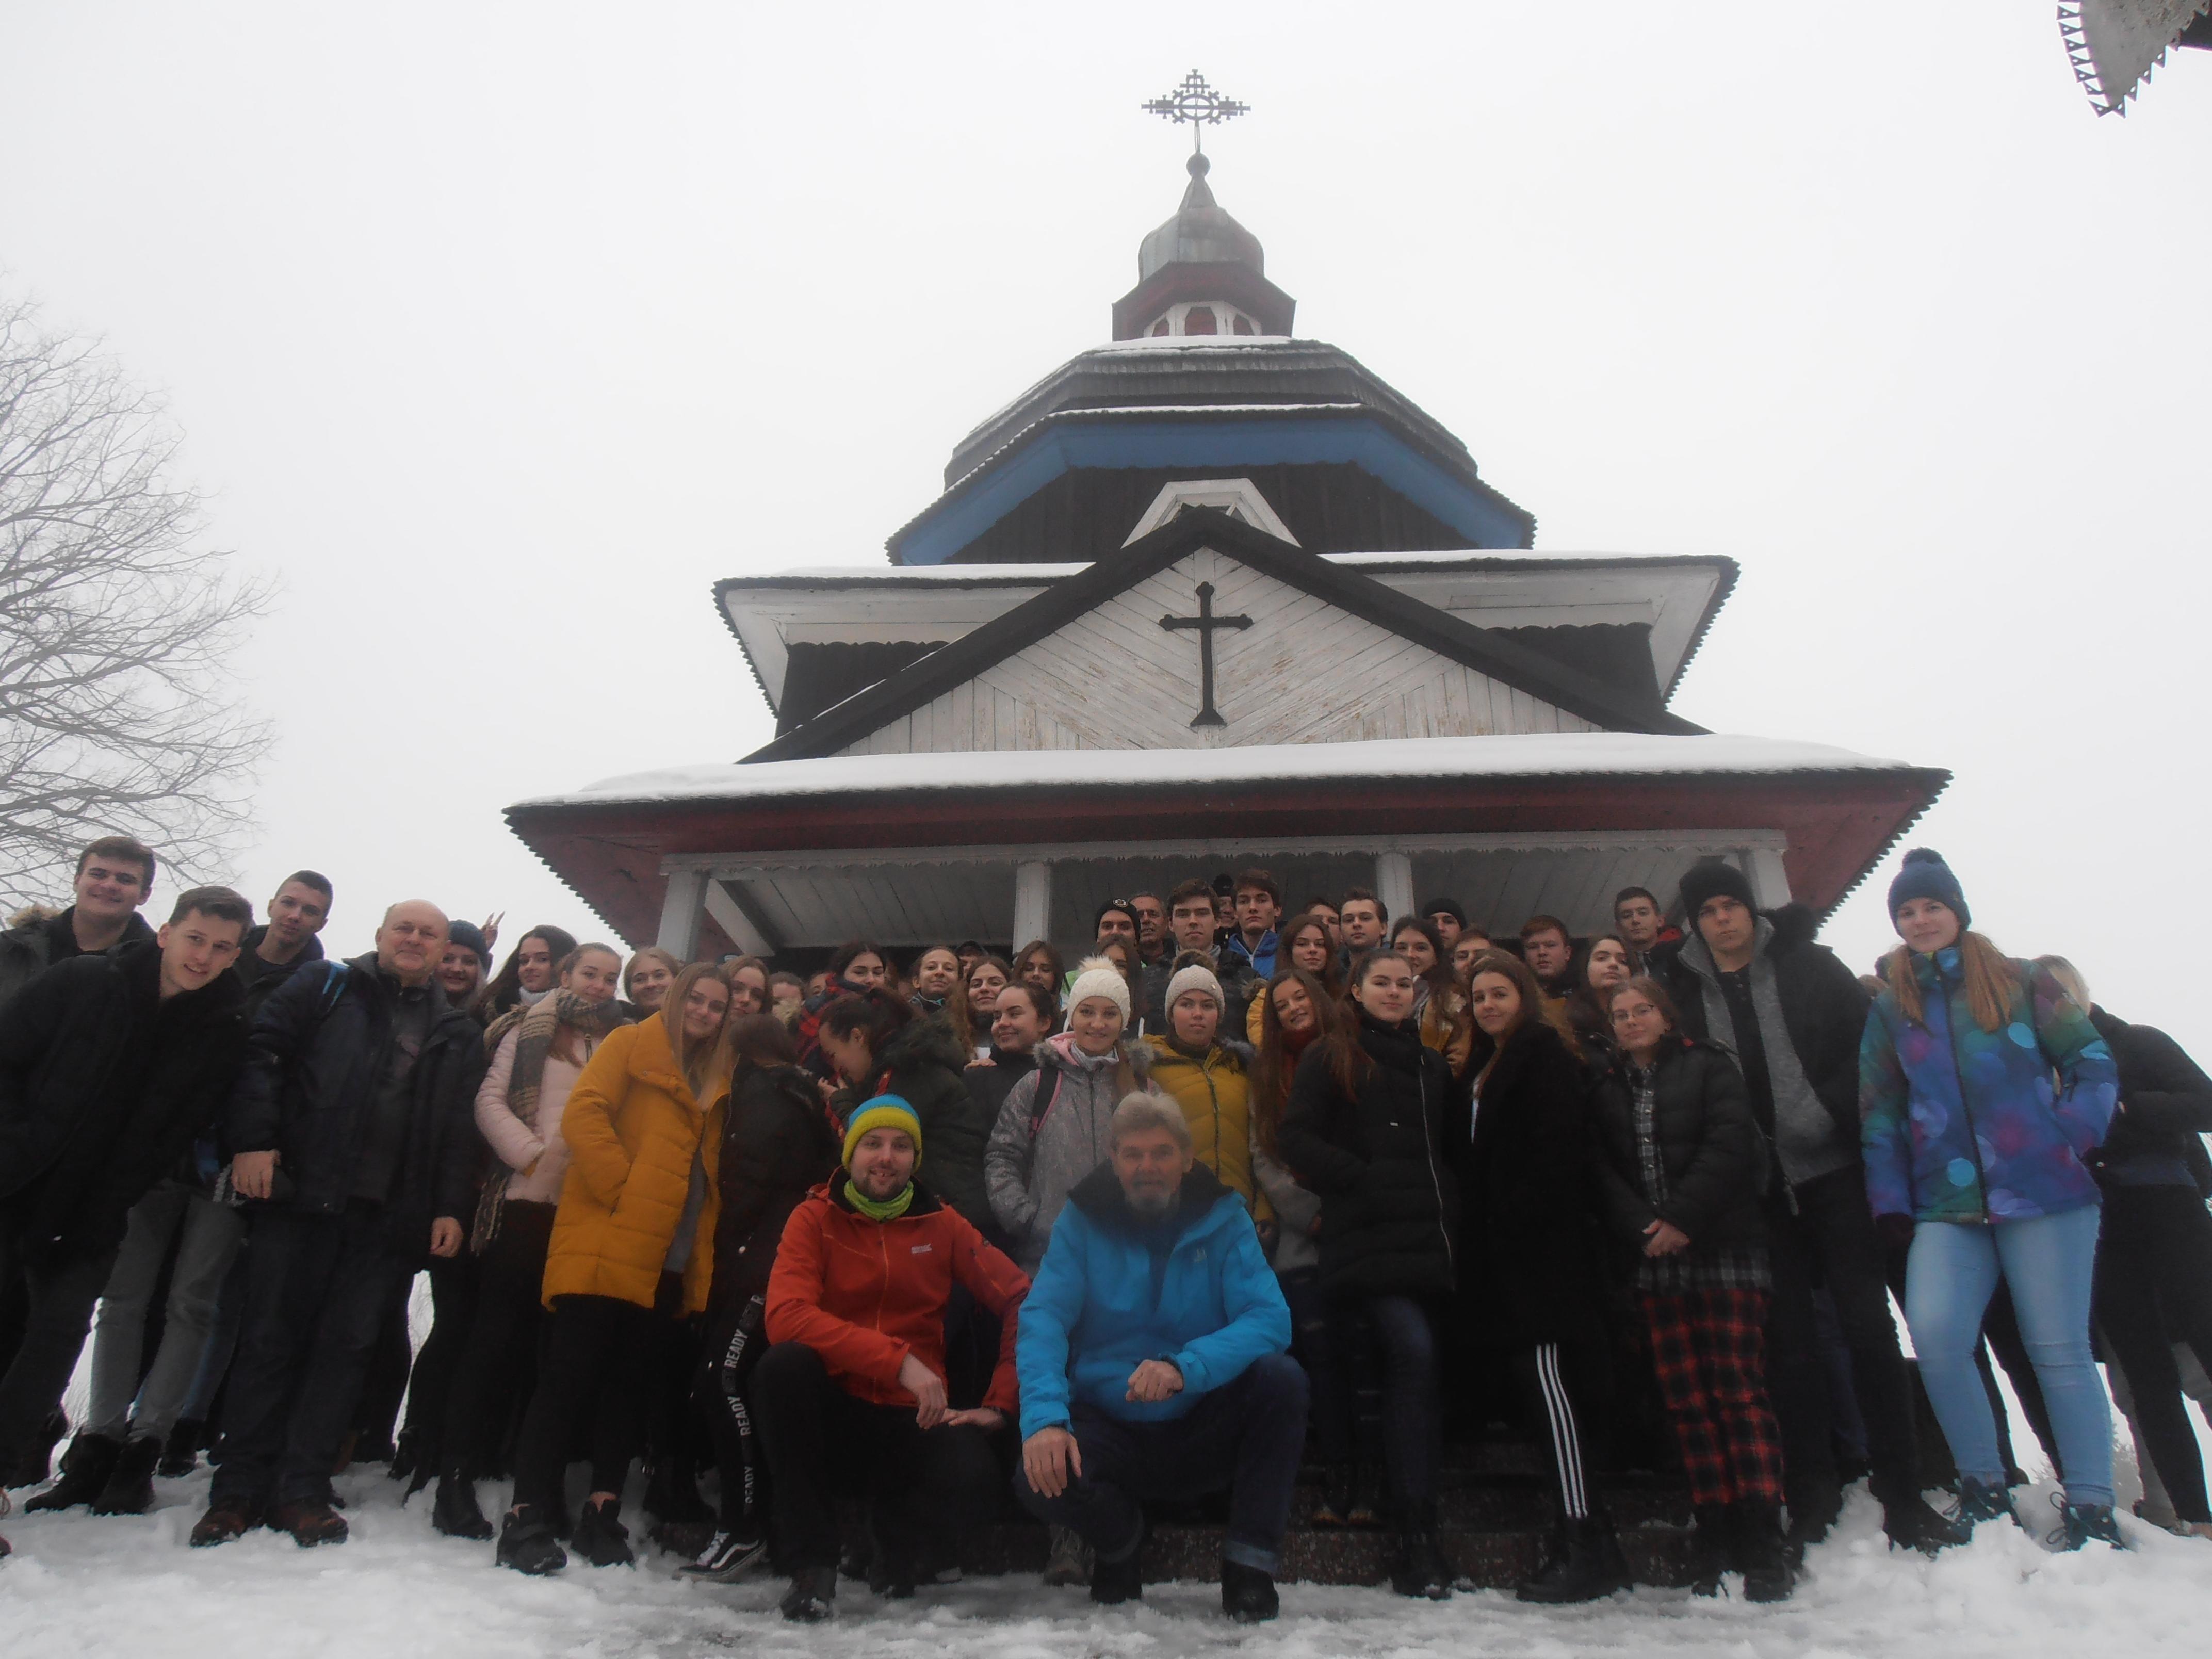 drevené kostolíky Ladomírová- UNESCO,Krajné Čierno,Nižný Komárnik 1.2.2020 (foto Gazda)